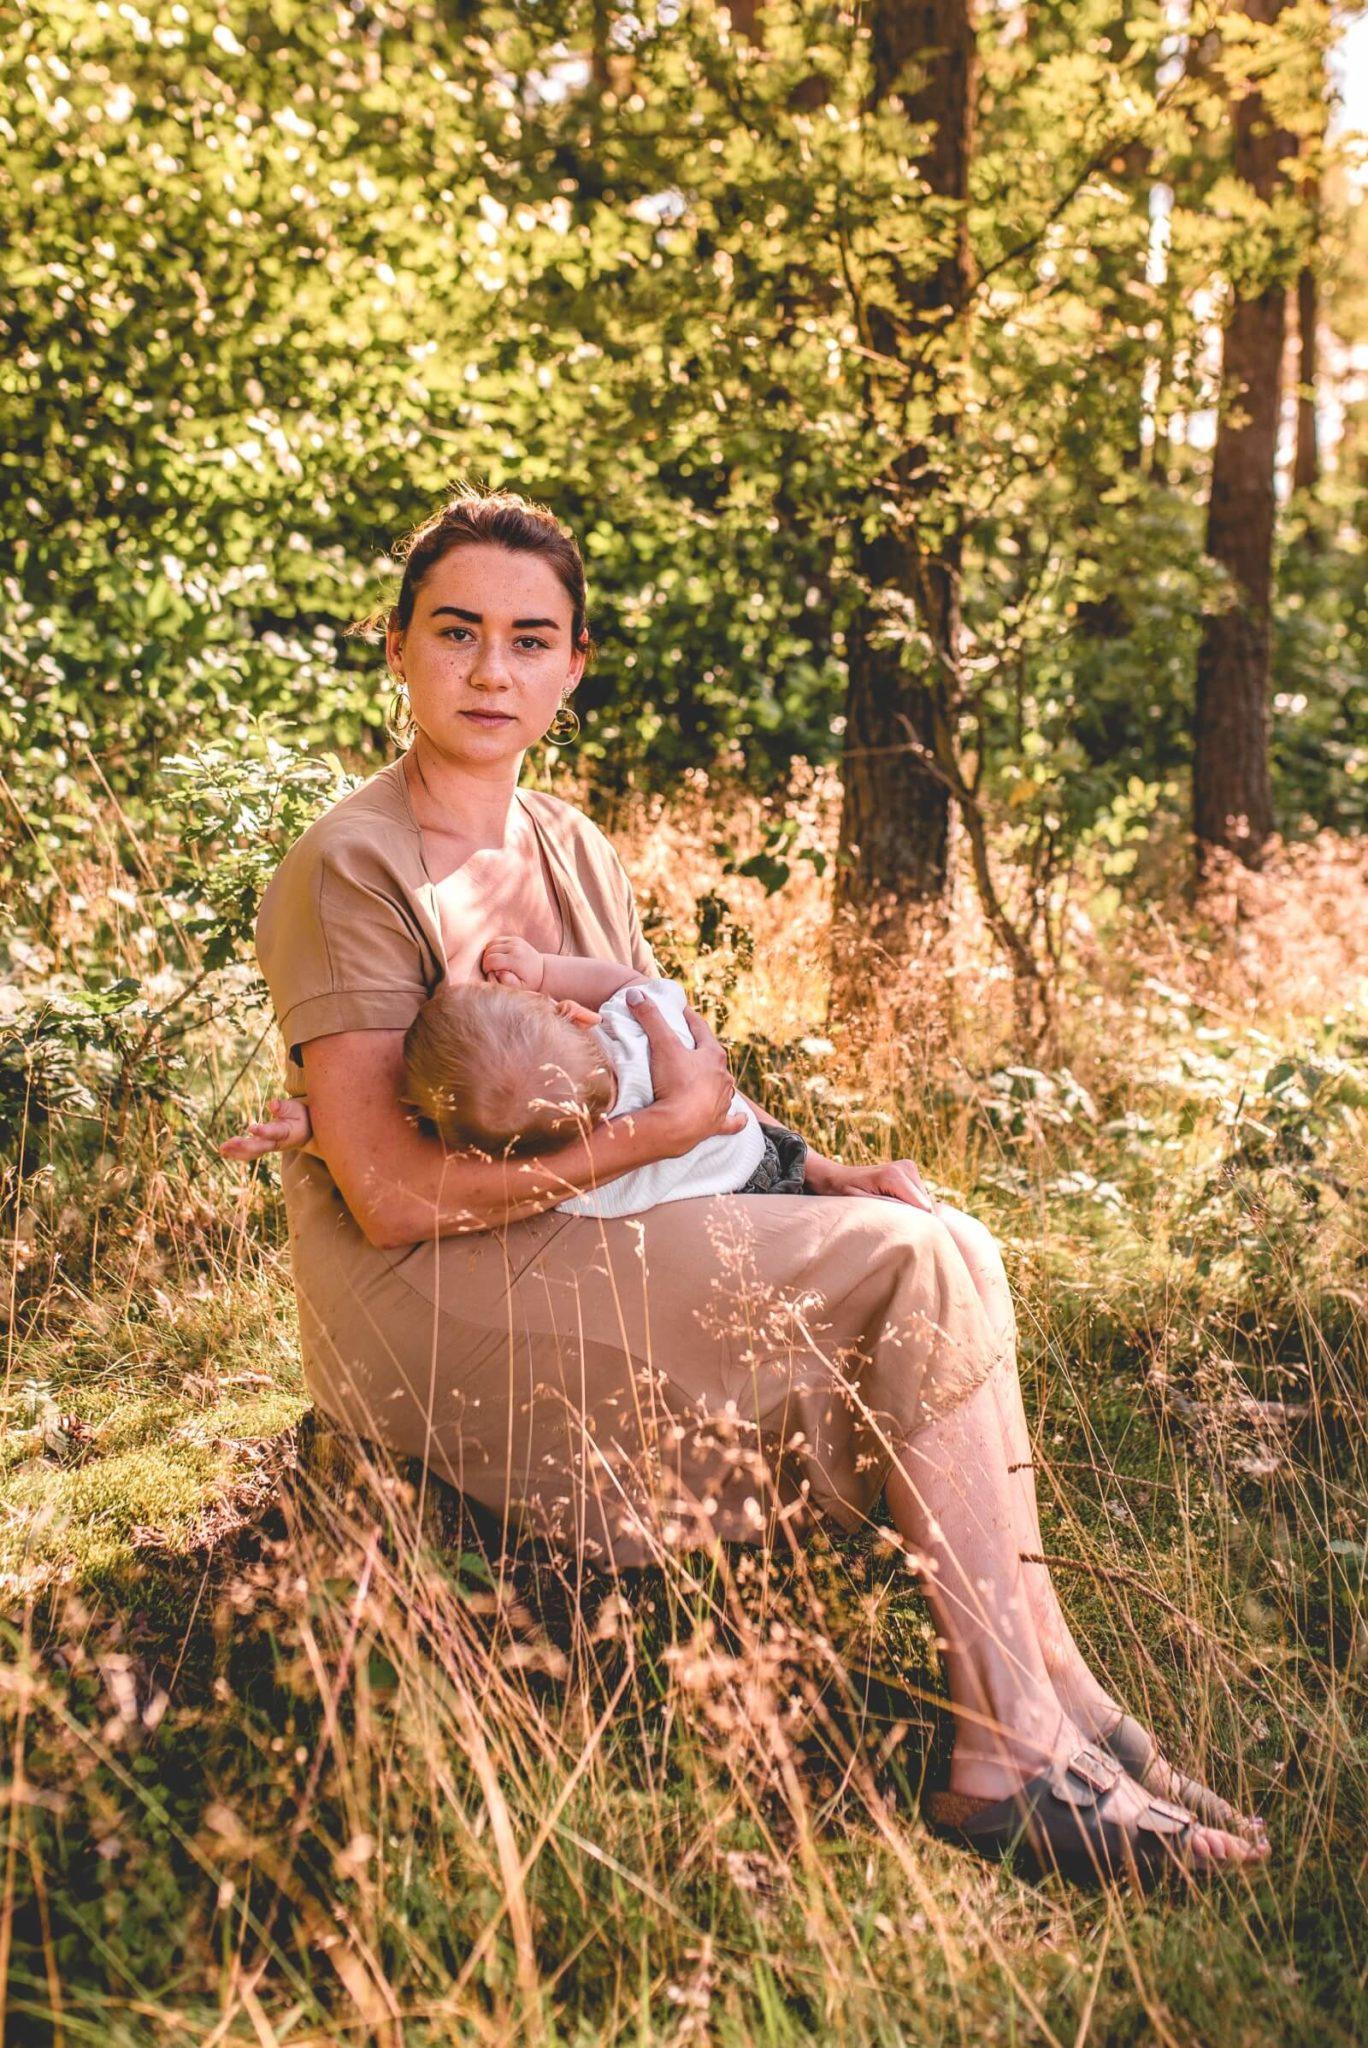 Sesja karmienia piersia 01 08 2020 Marta Trzcinska Fotografia 75 scaled - Sesje rodzinne